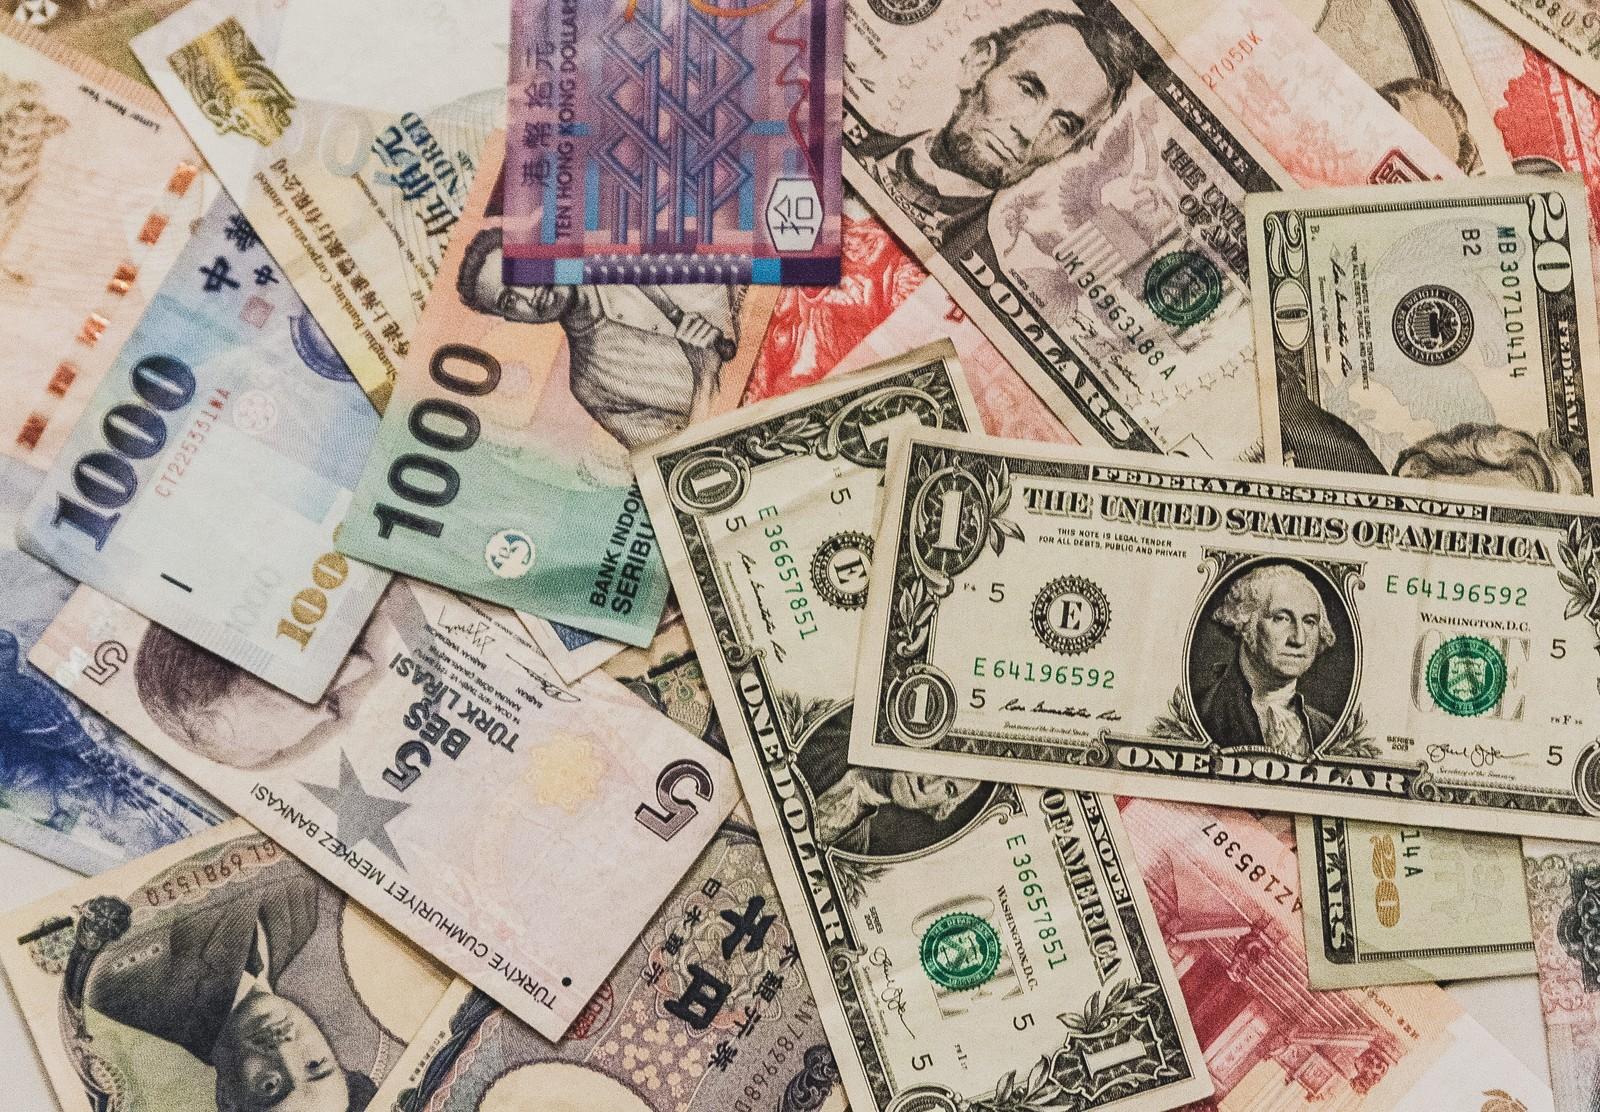 ビットコインの危険性は?!流出のリスクはどの程度あるのか?